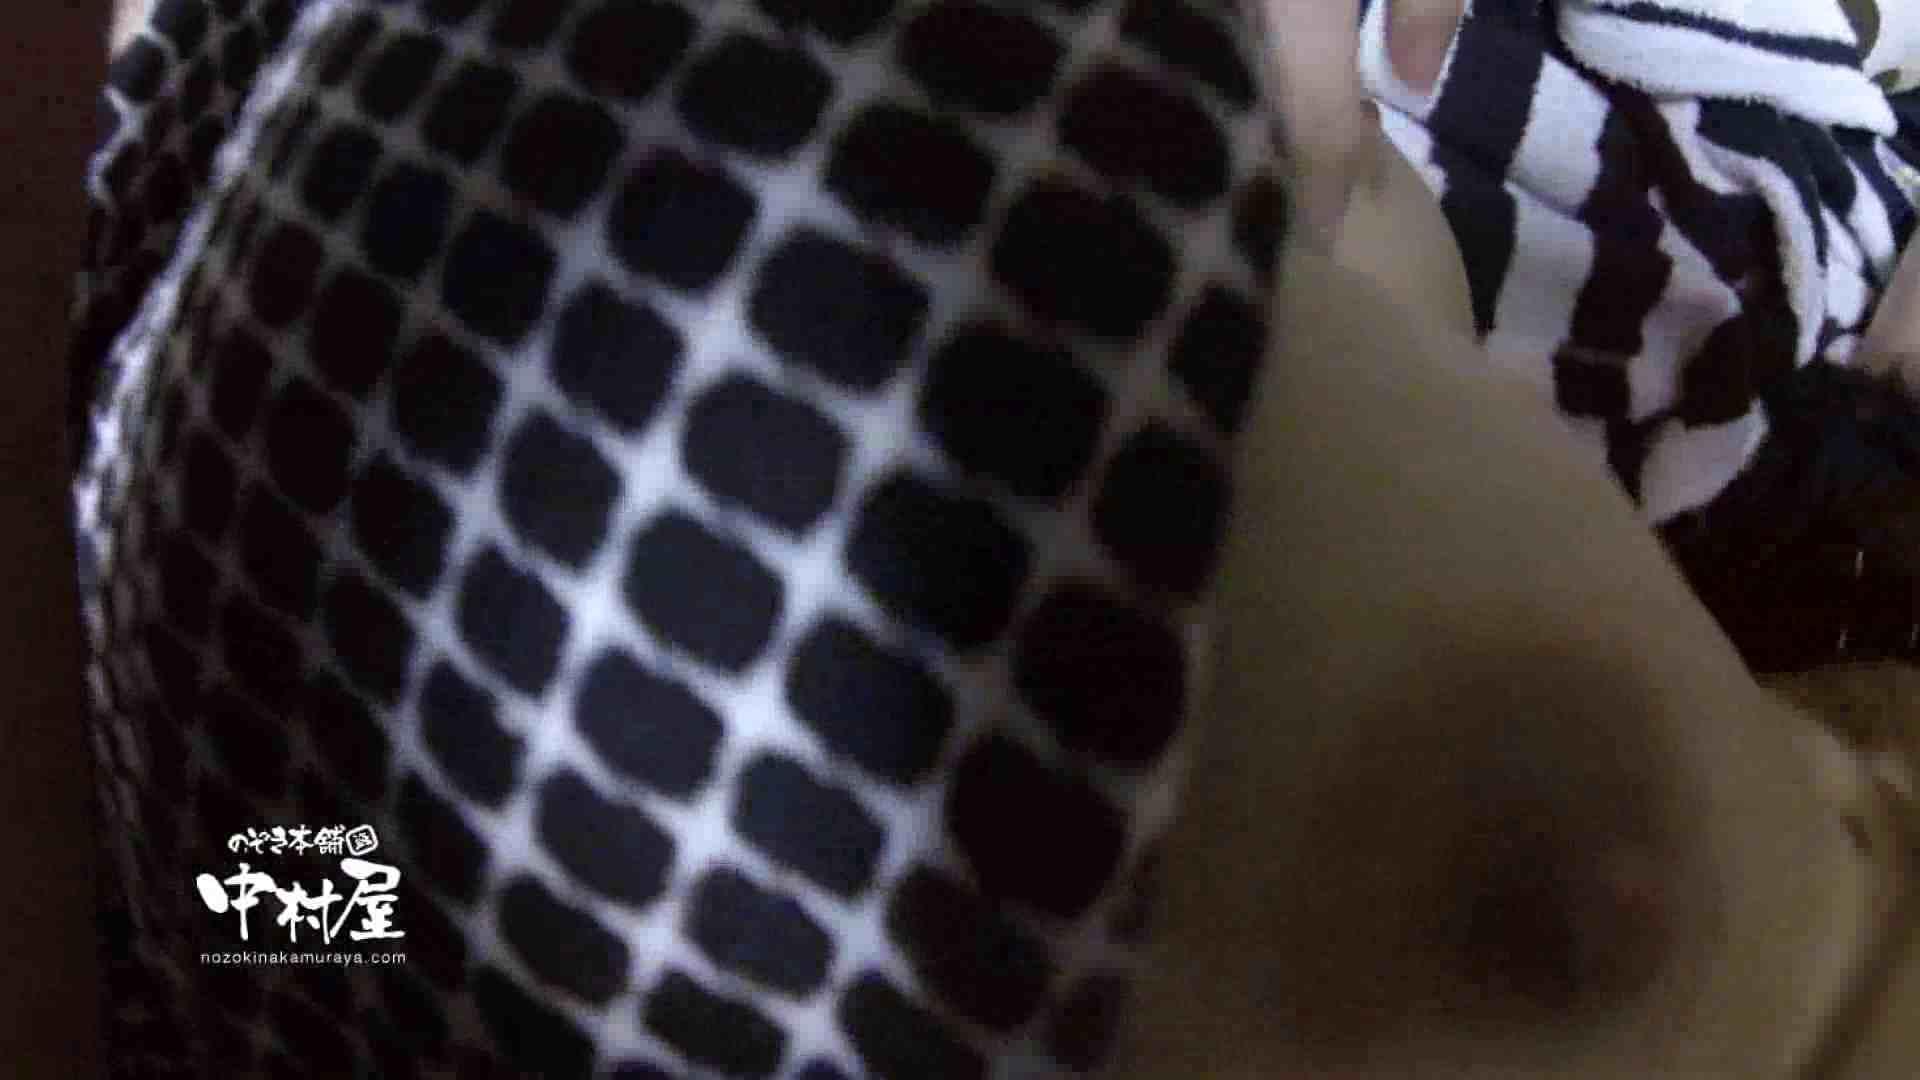 鬼畜 vol.09 無慈悲!中出し爆乳! 後編 中出し のぞき動画画像 72連発 39